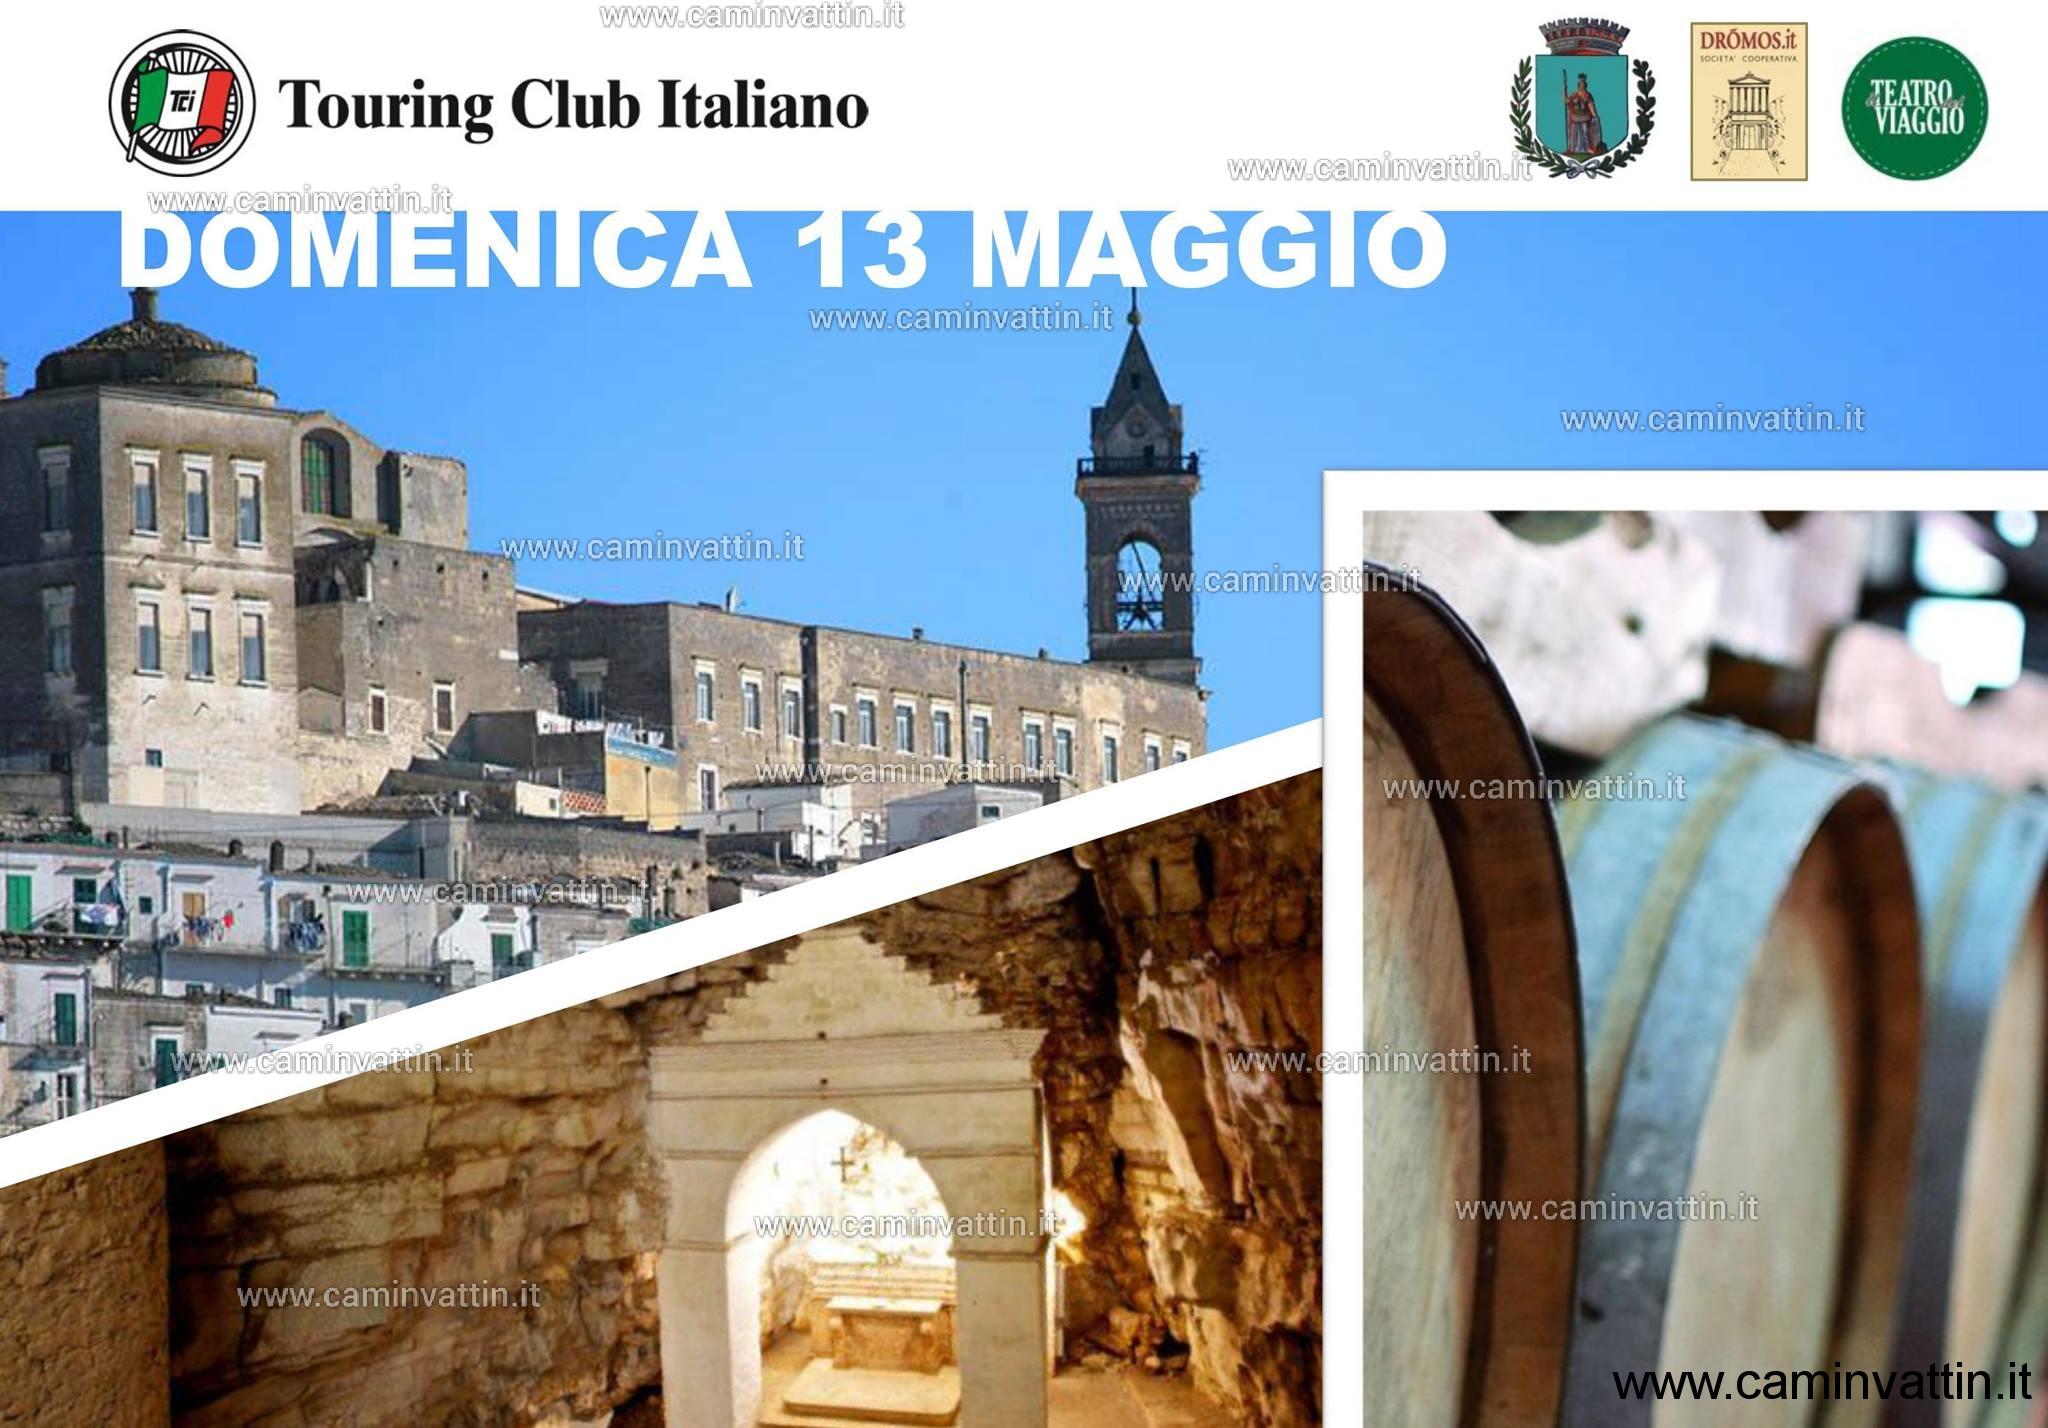 Alla riscoperta di Minervino Murge con il Touring Club Italiano